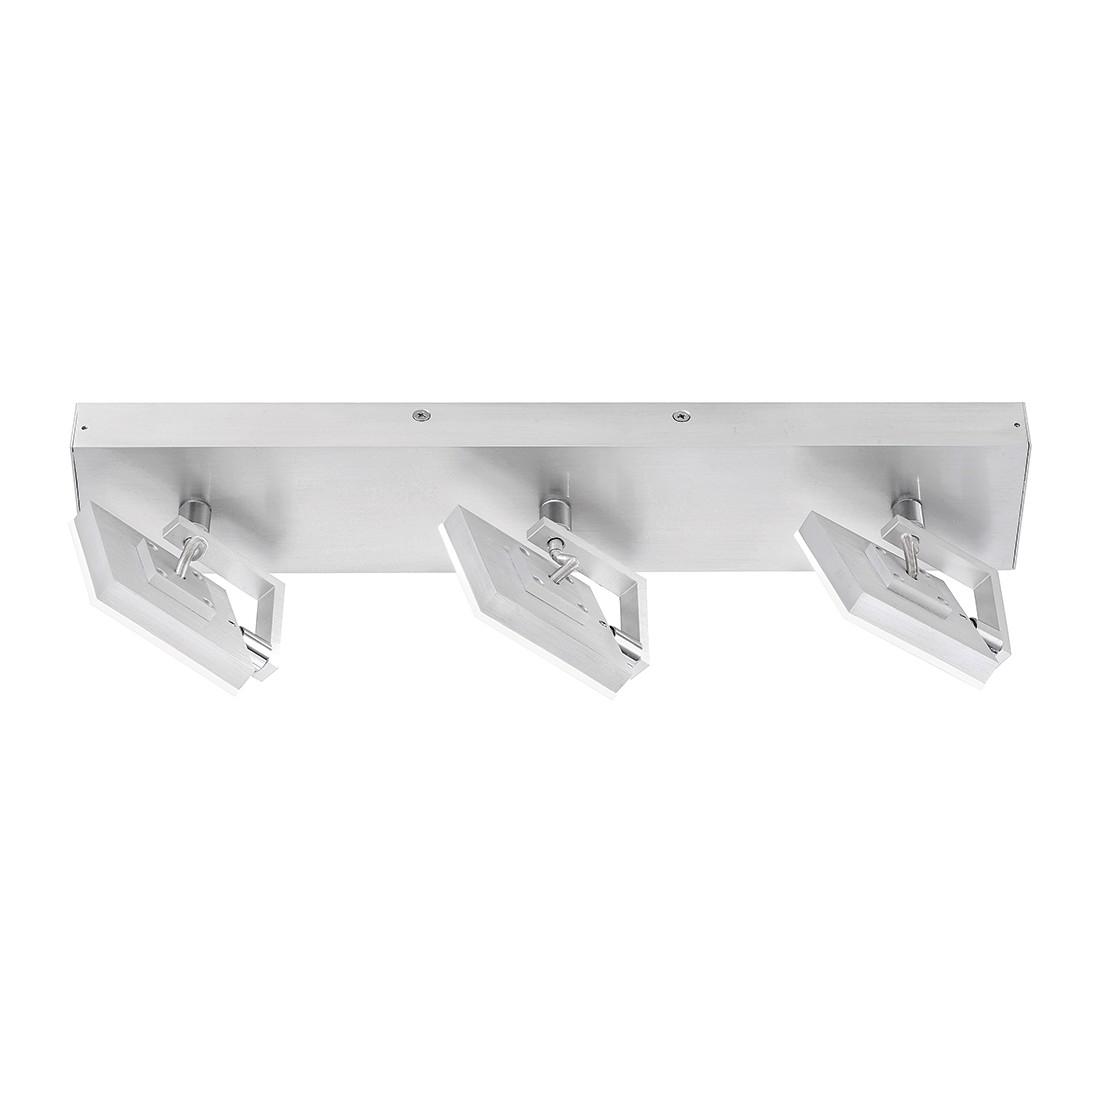 Deckenleuchte Reinberg – Aluminium matt / Metall, verchromt – 3-flammig, FLI Leuchten günstig online kaufen